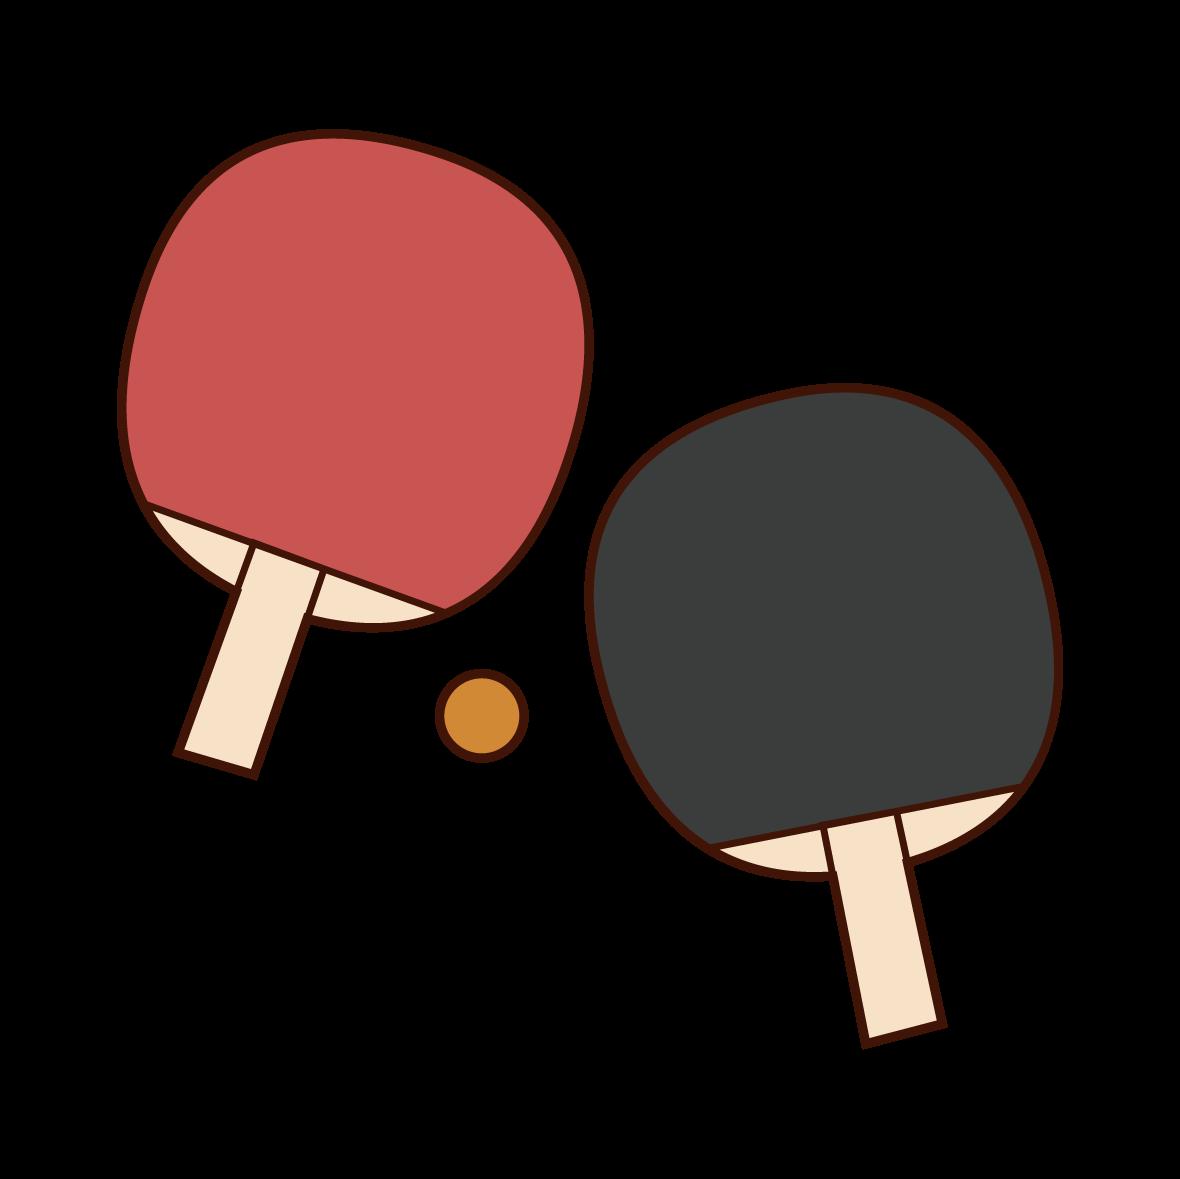 卓球のラケットのイラスト